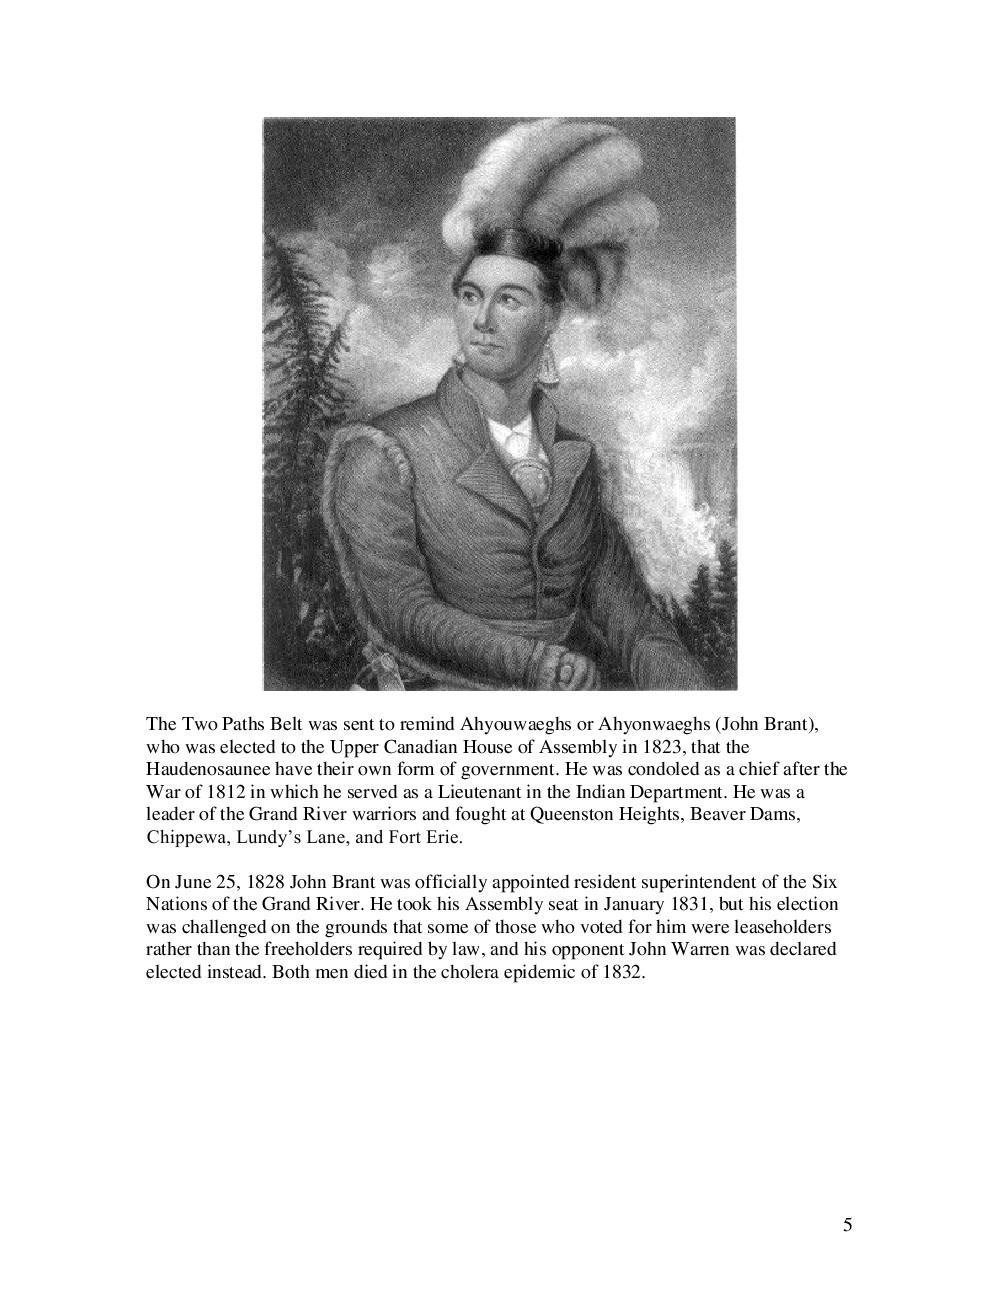 War of 1812 Series : Wampum Belts Associated with the War of 1812